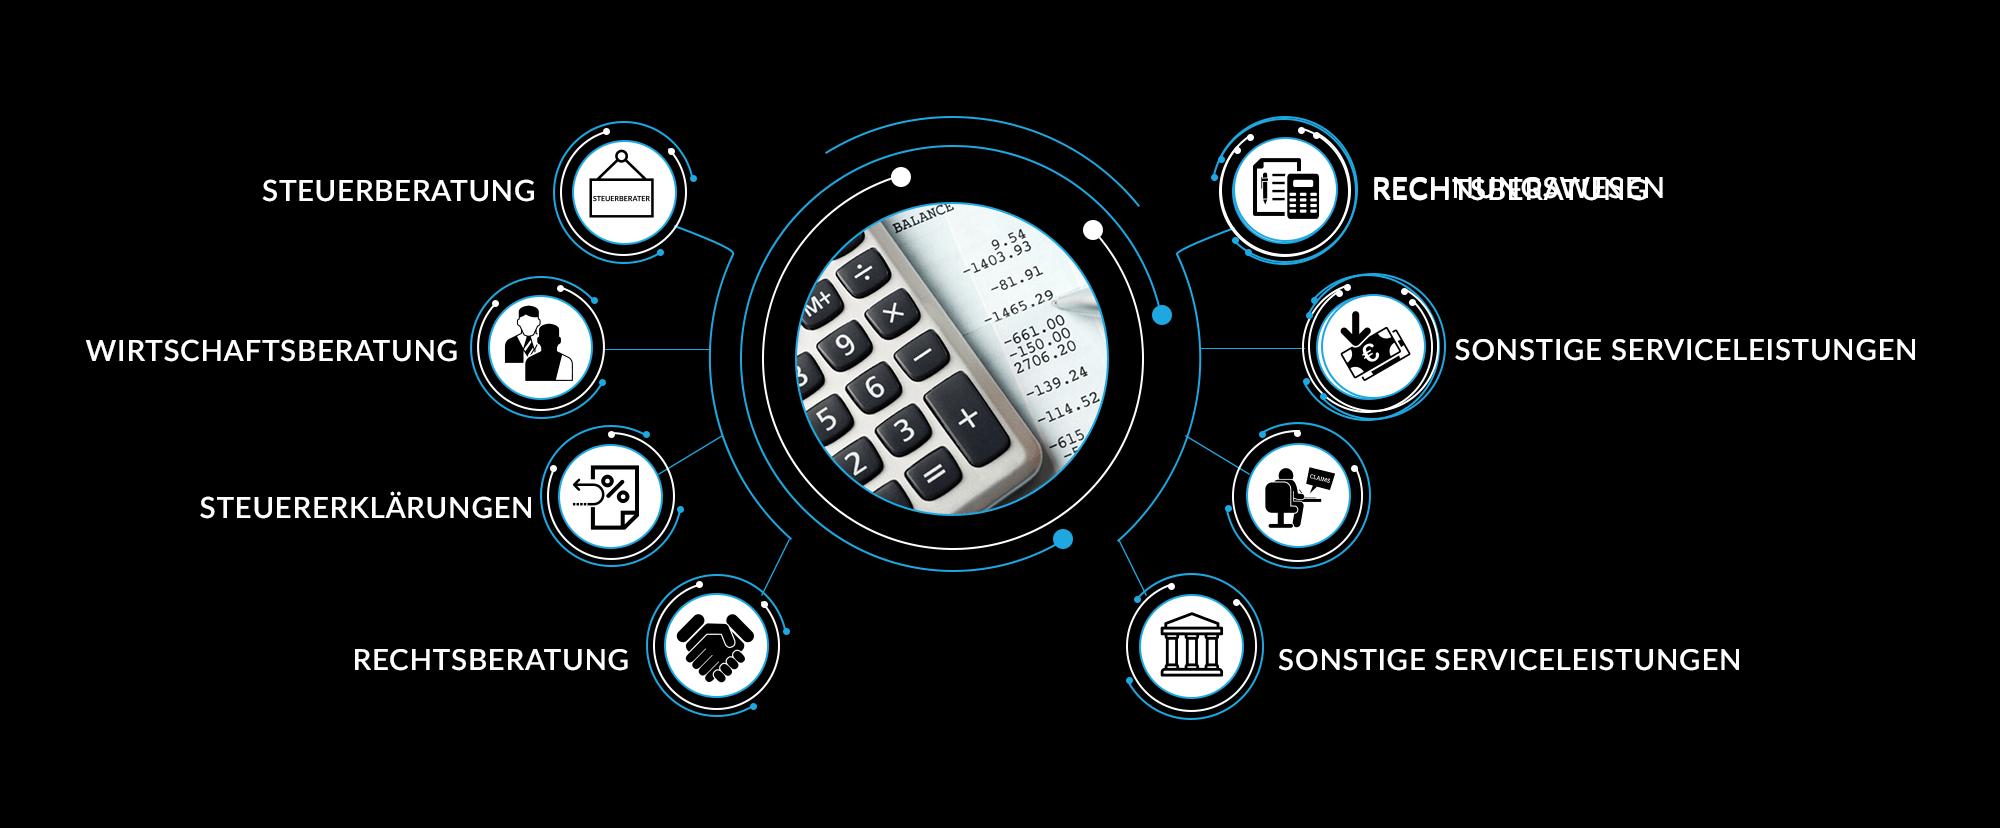 Rottger & Partner-BrandCrock-portfolio-services-ipad